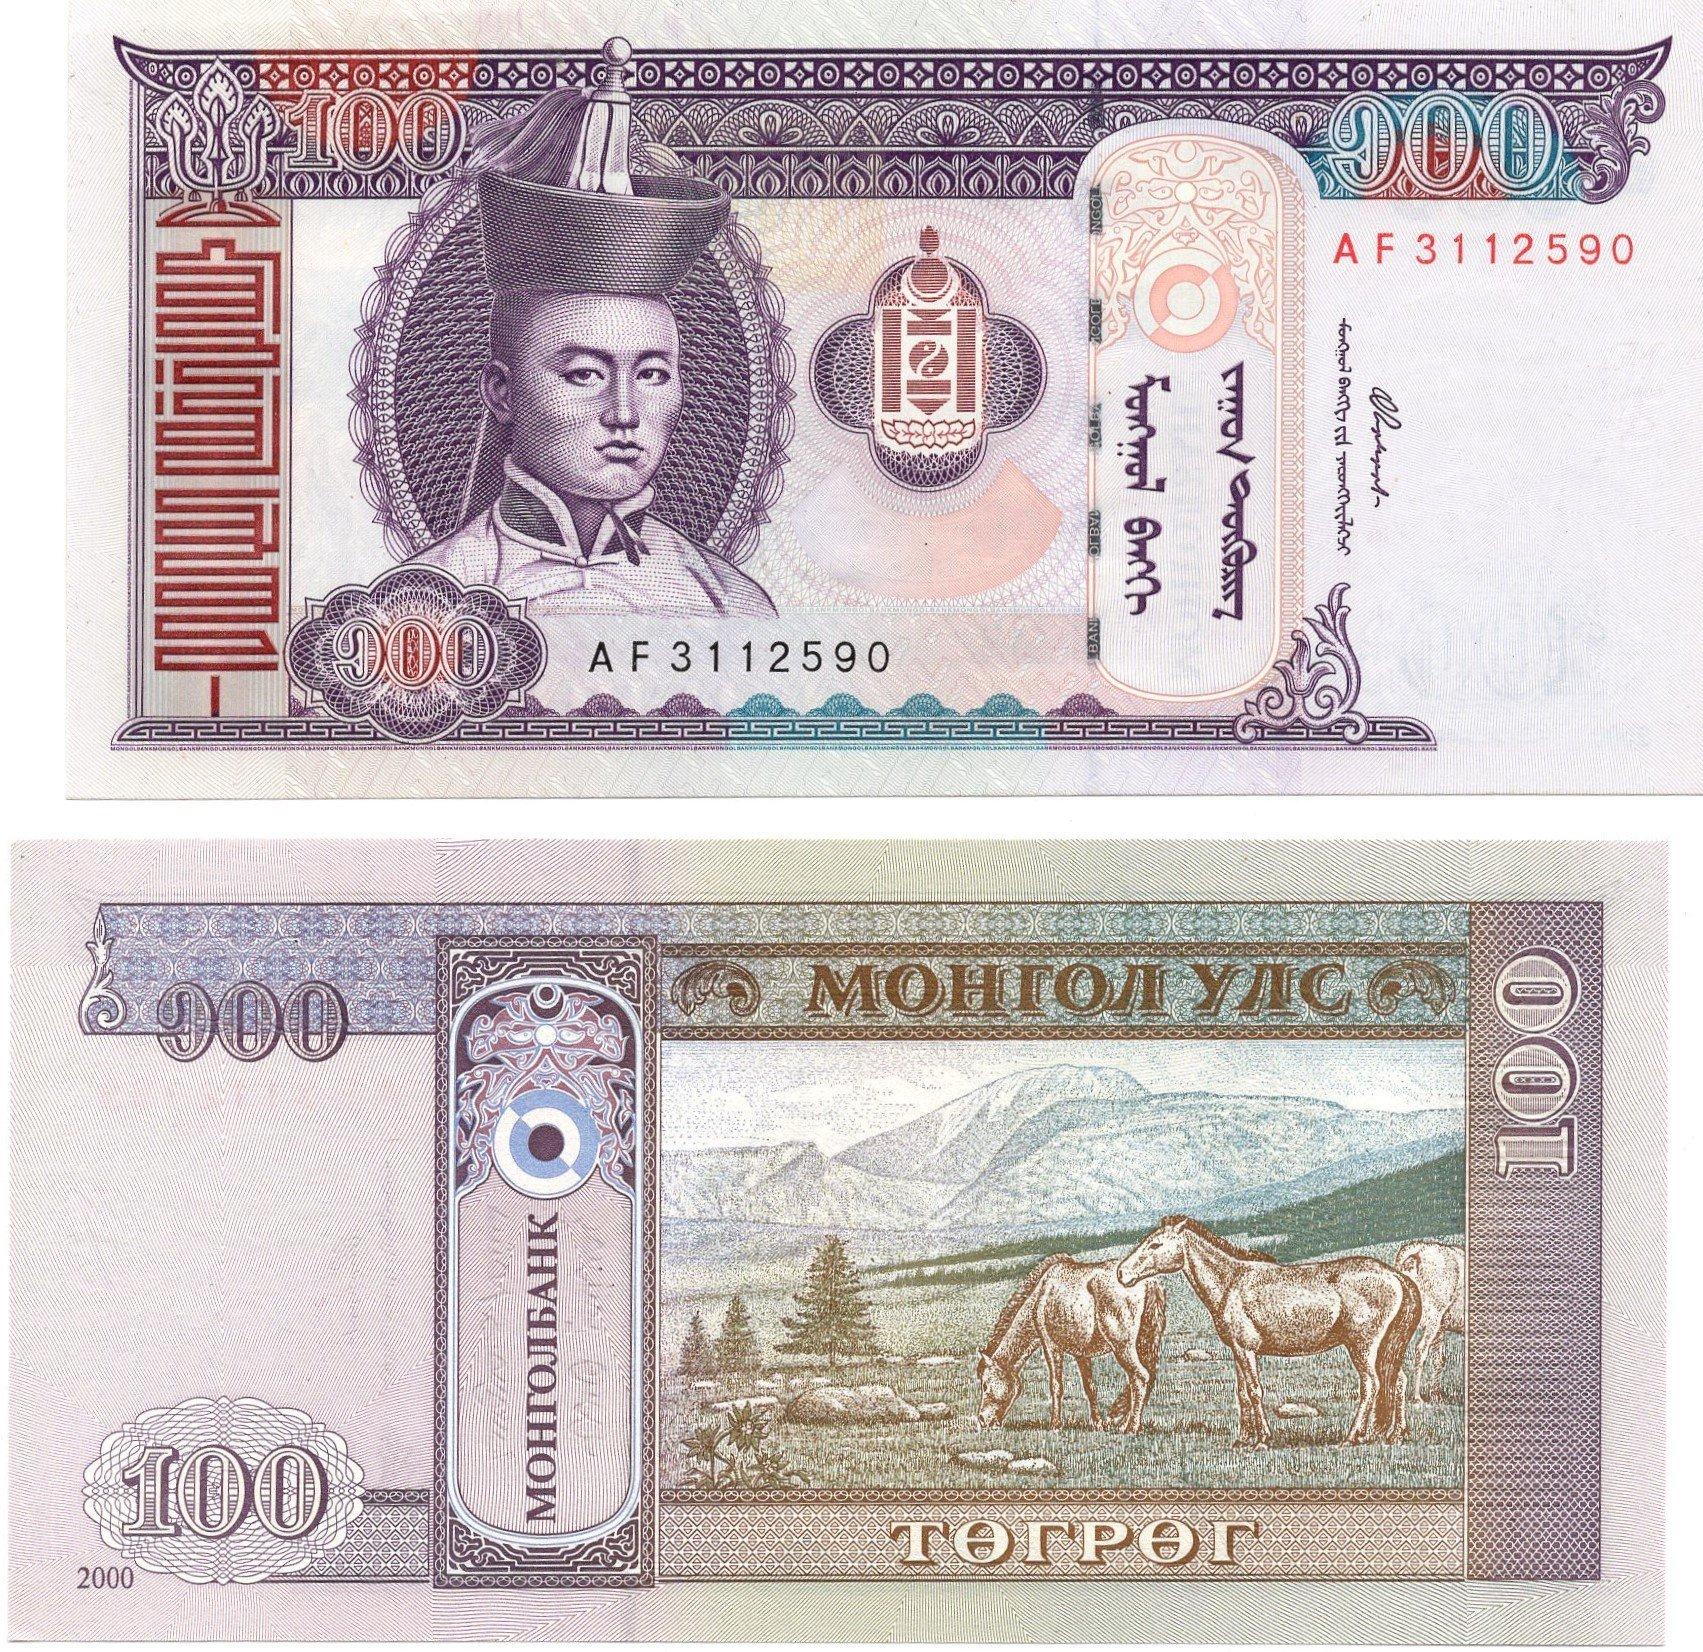 Mongolia 100 tugrik